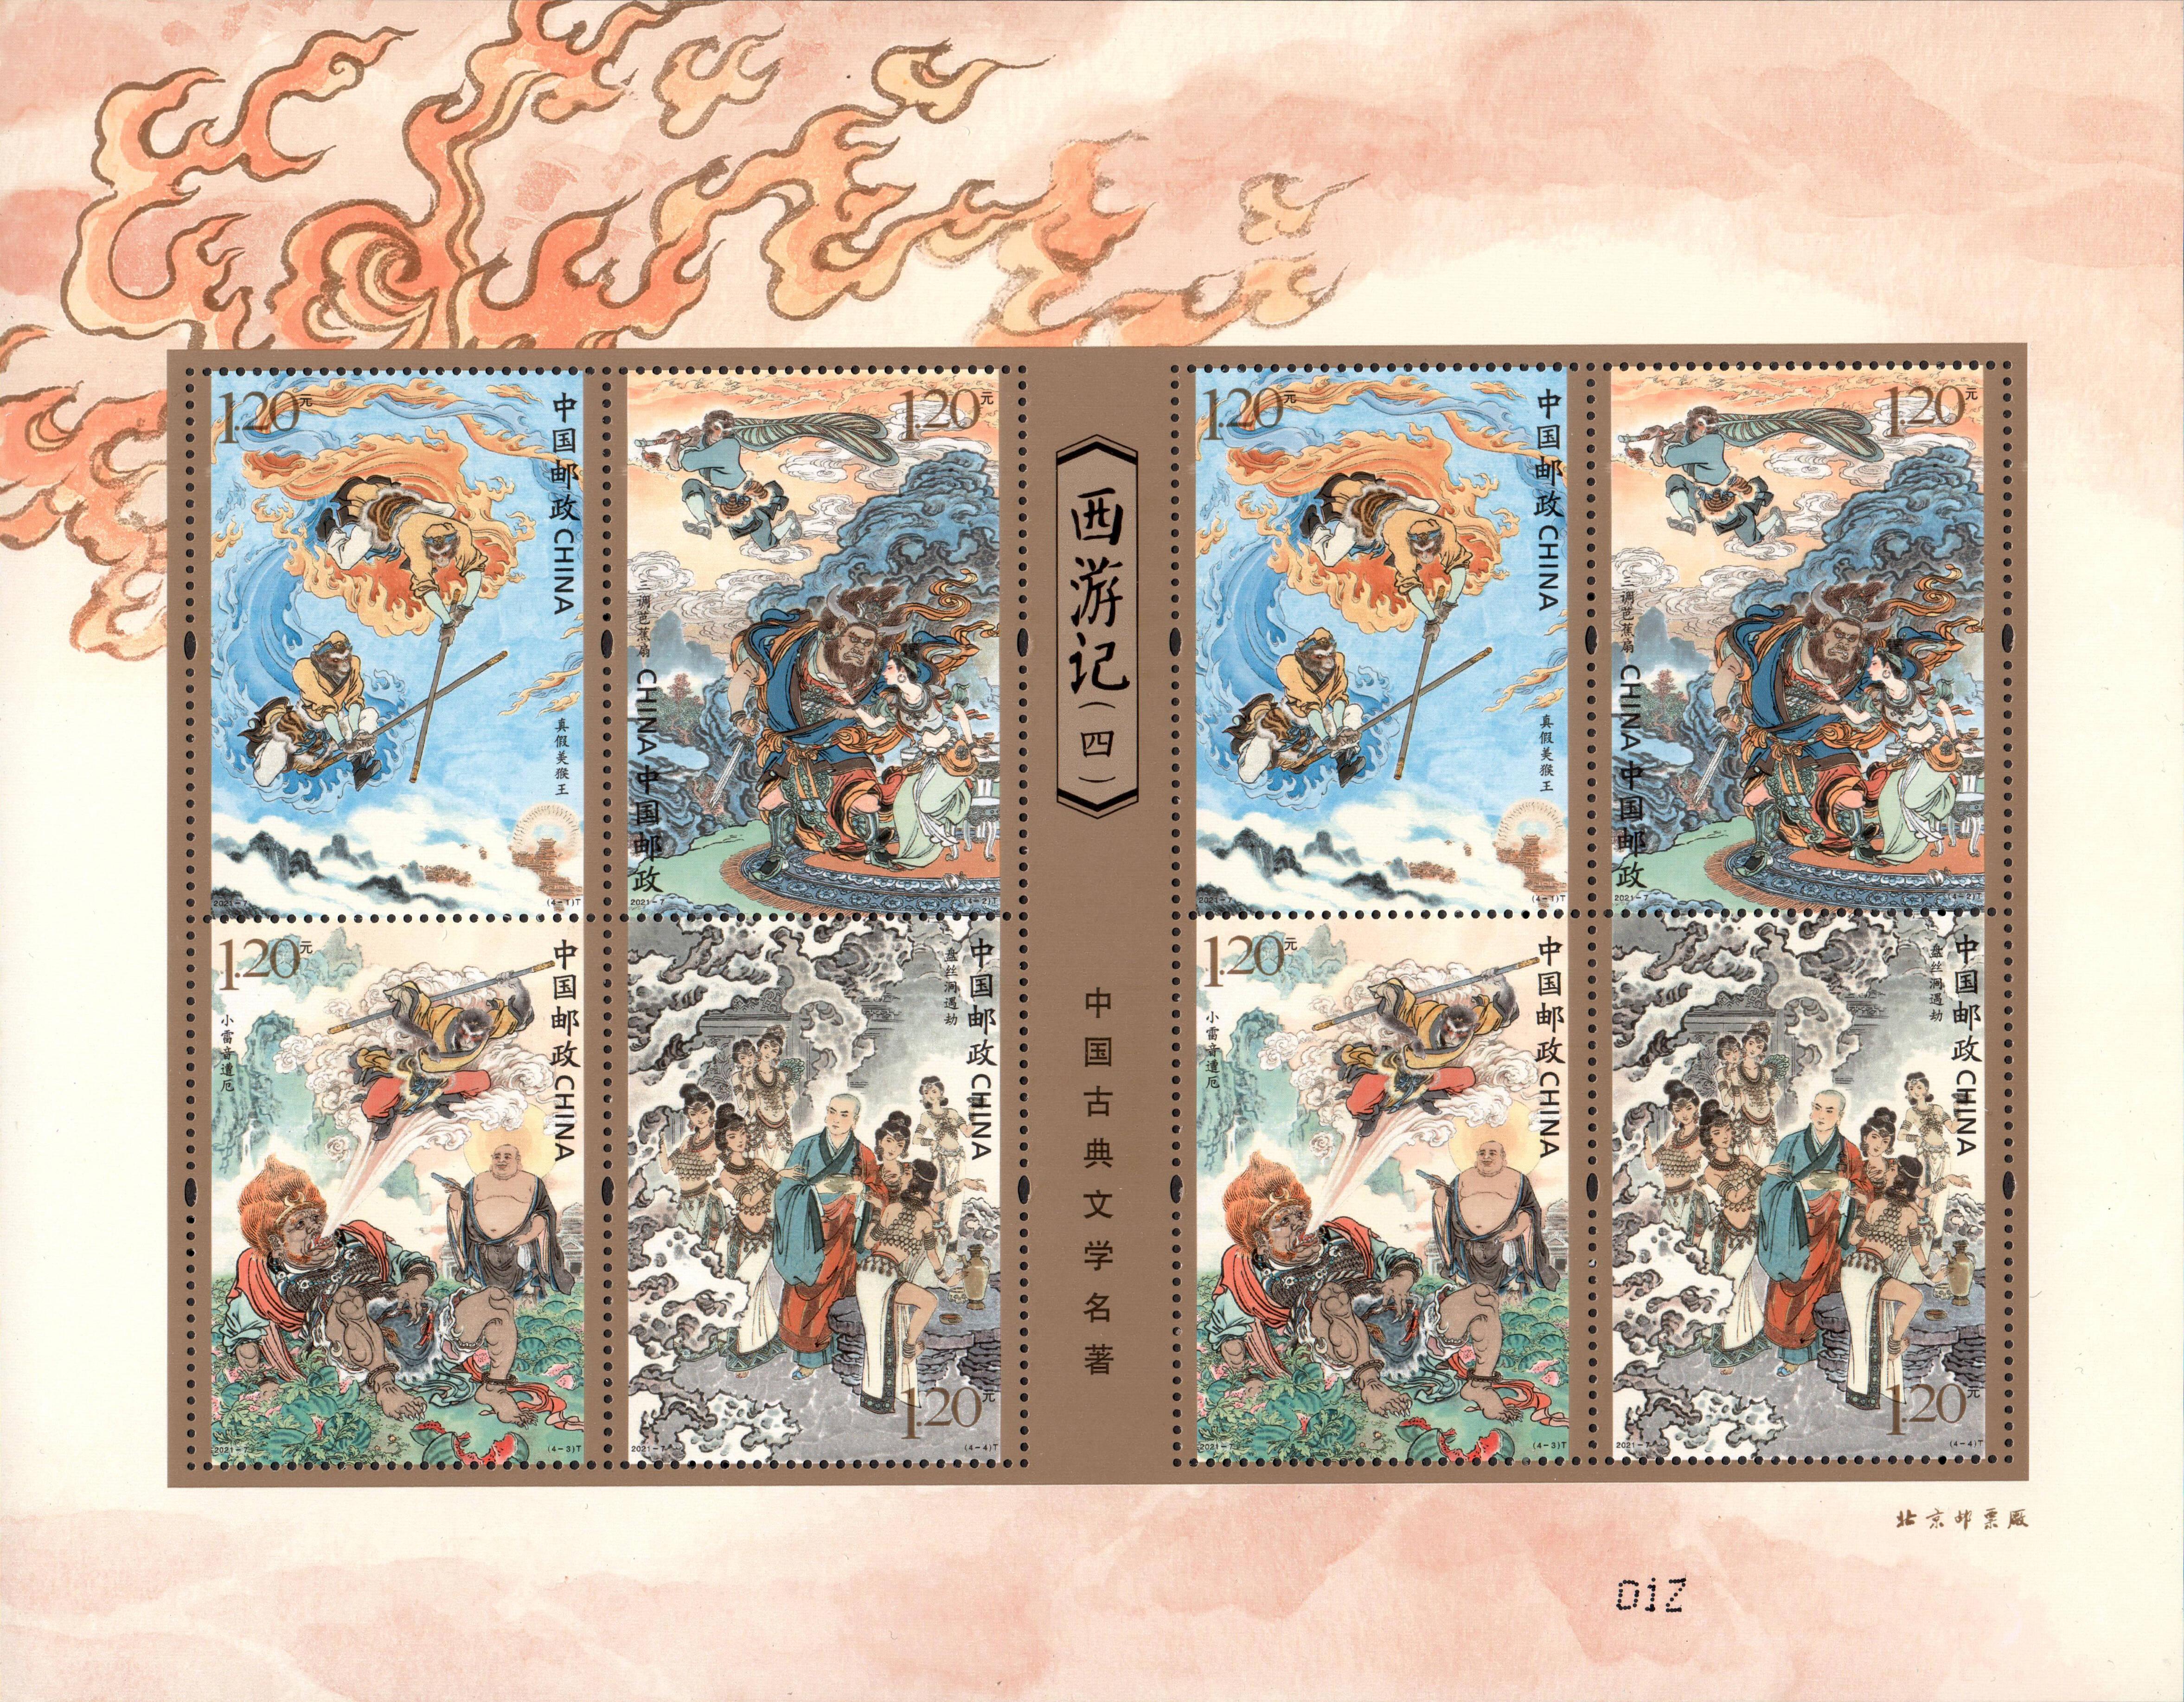 中国邮政发行西游记第四组特种邮票 一套4枚 出售期限6个月